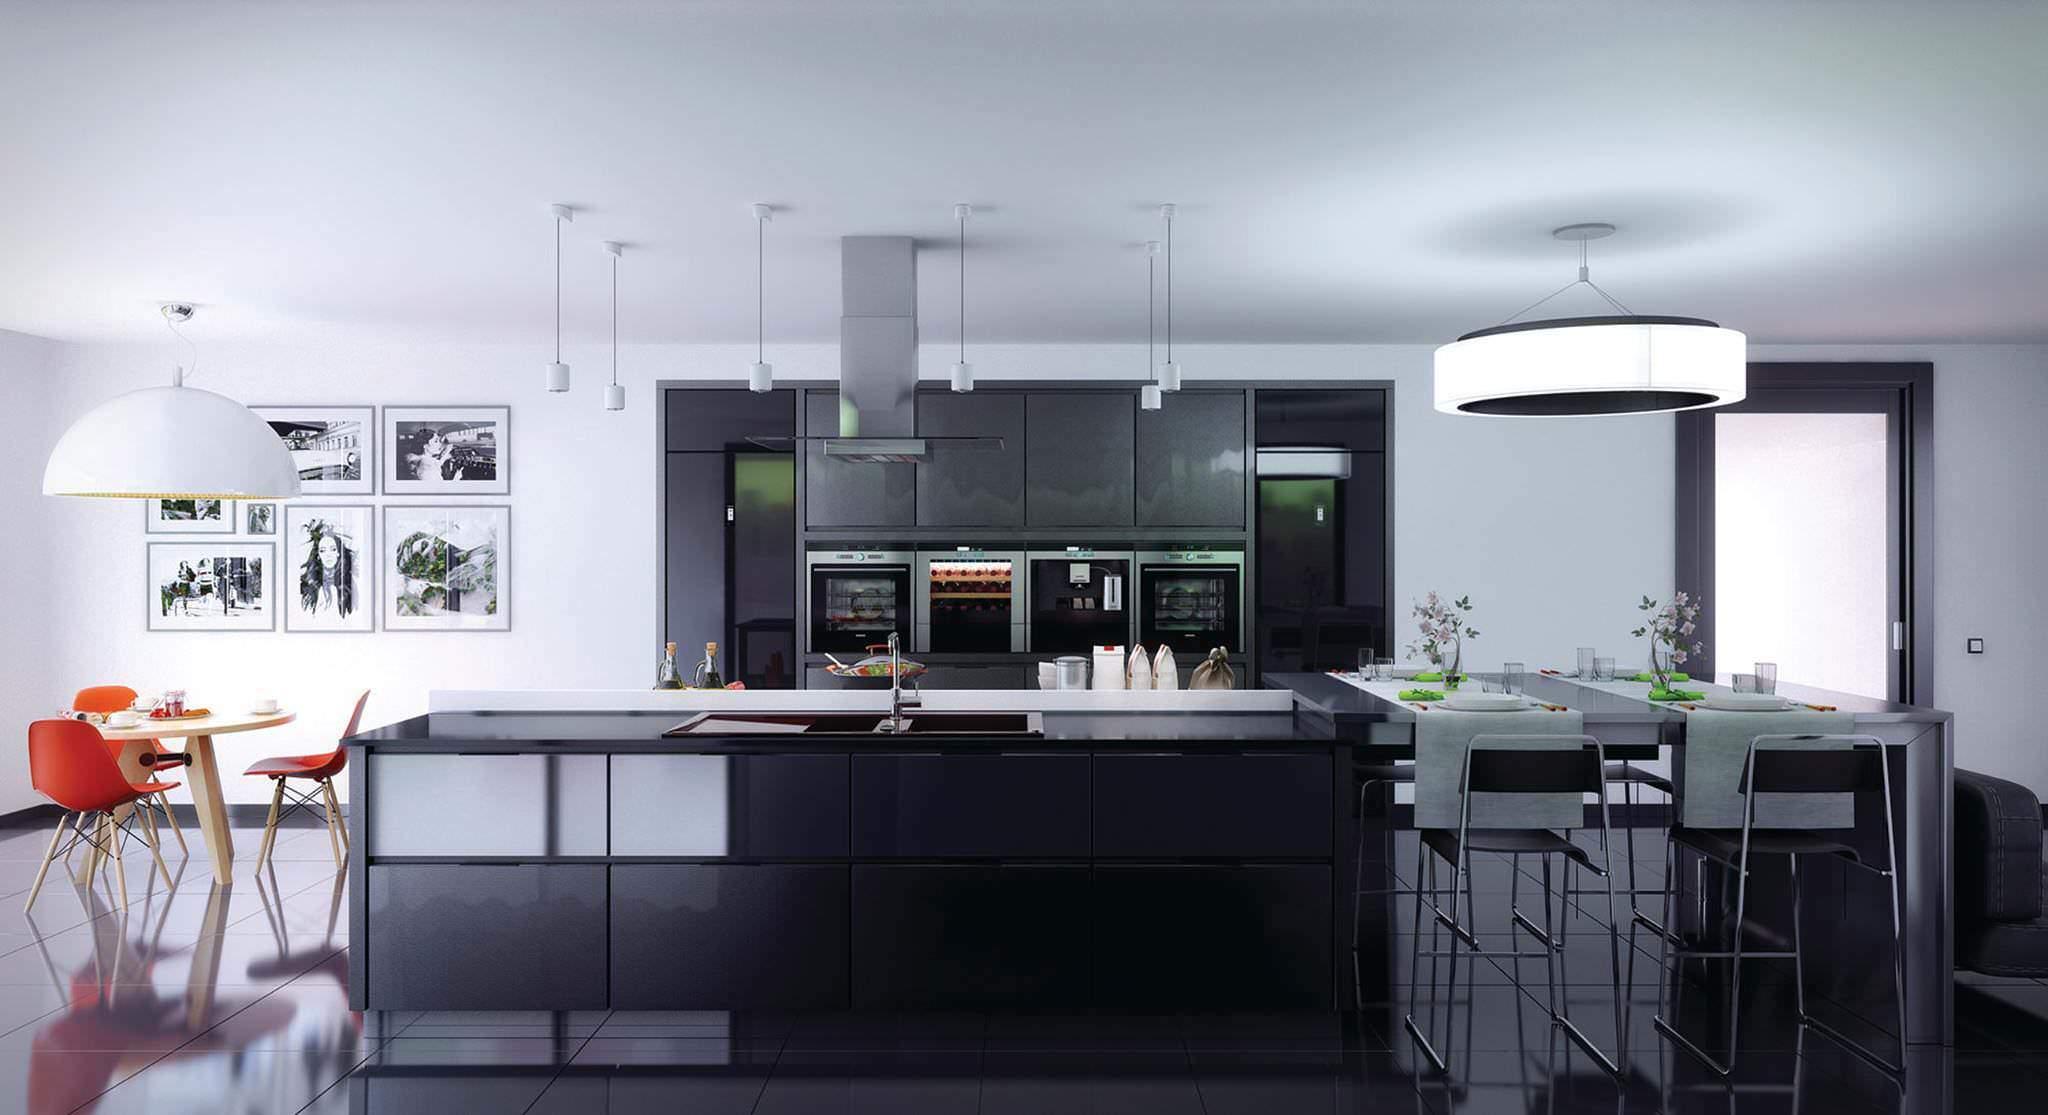 une cuisine de r ve tape par tape r novation desch nes. Black Bedroom Furniture Sets. Home Design Ideas